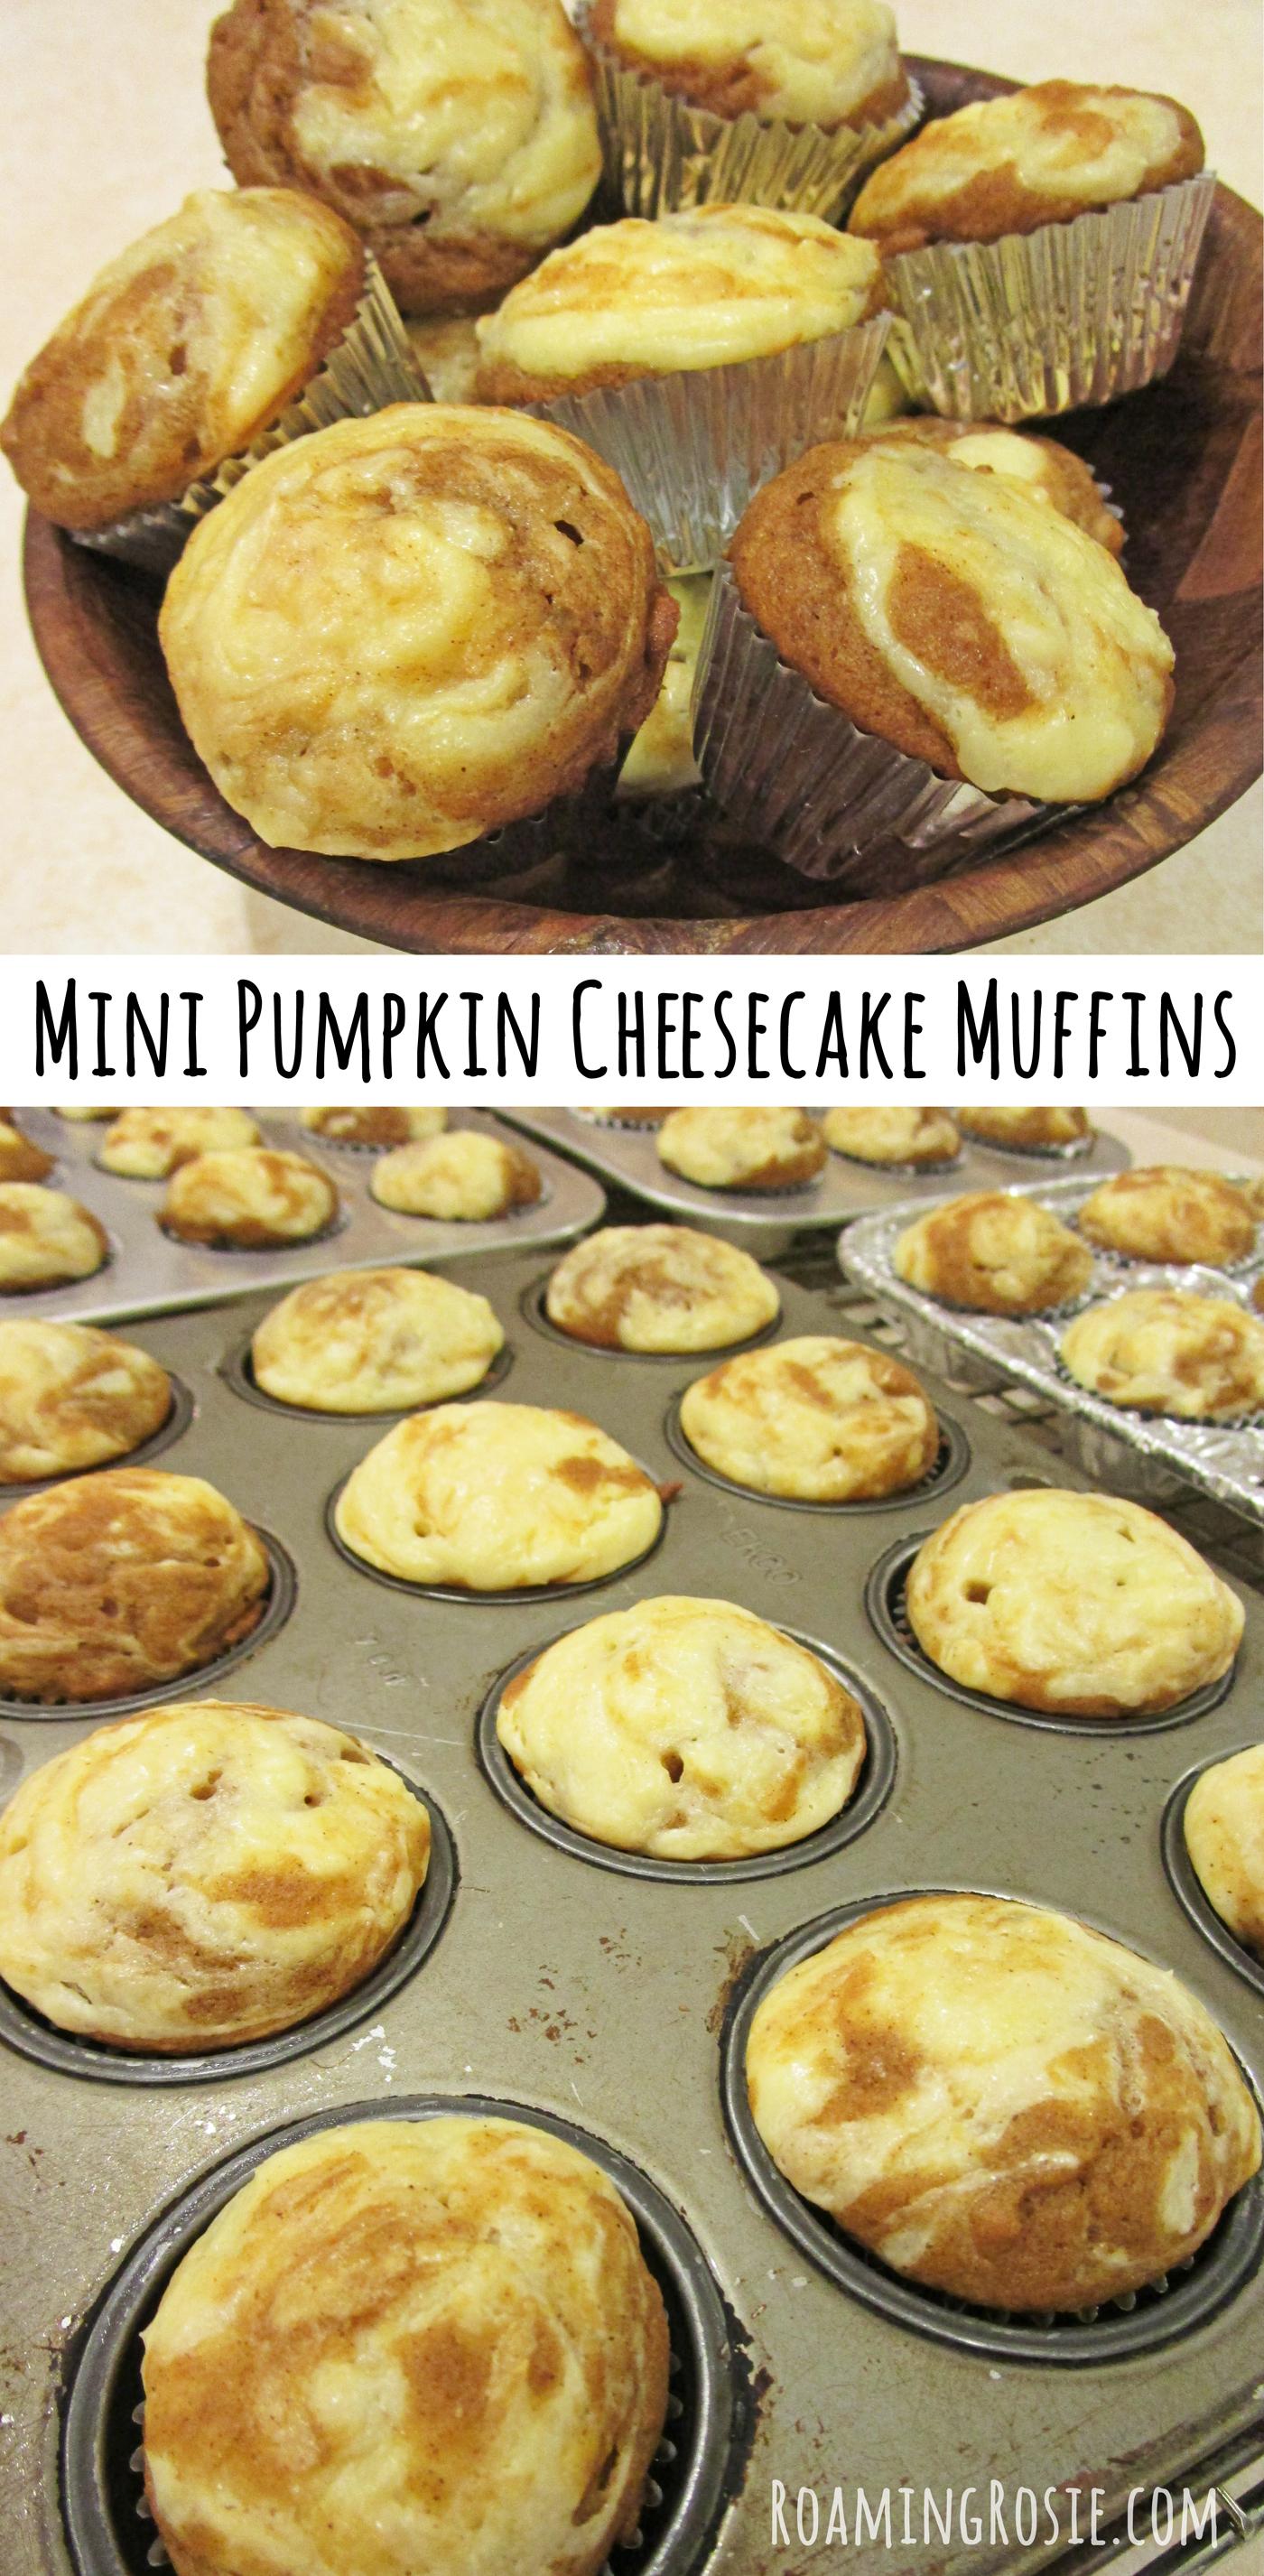 mini-pumpkin-cheesecake-muffins-11